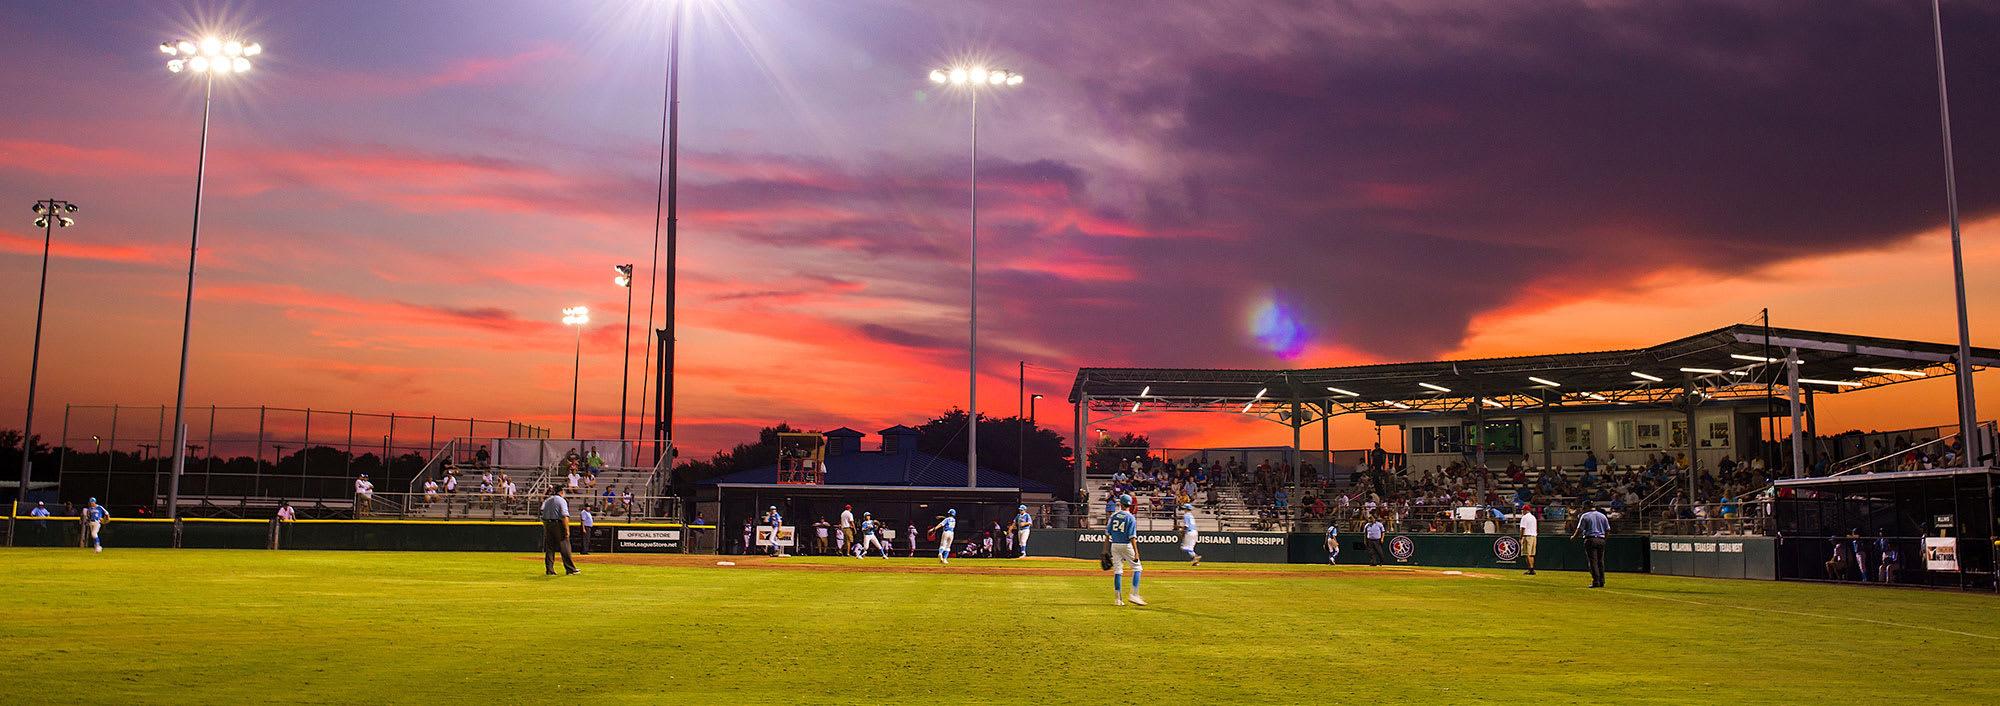 southwest region facility sunset